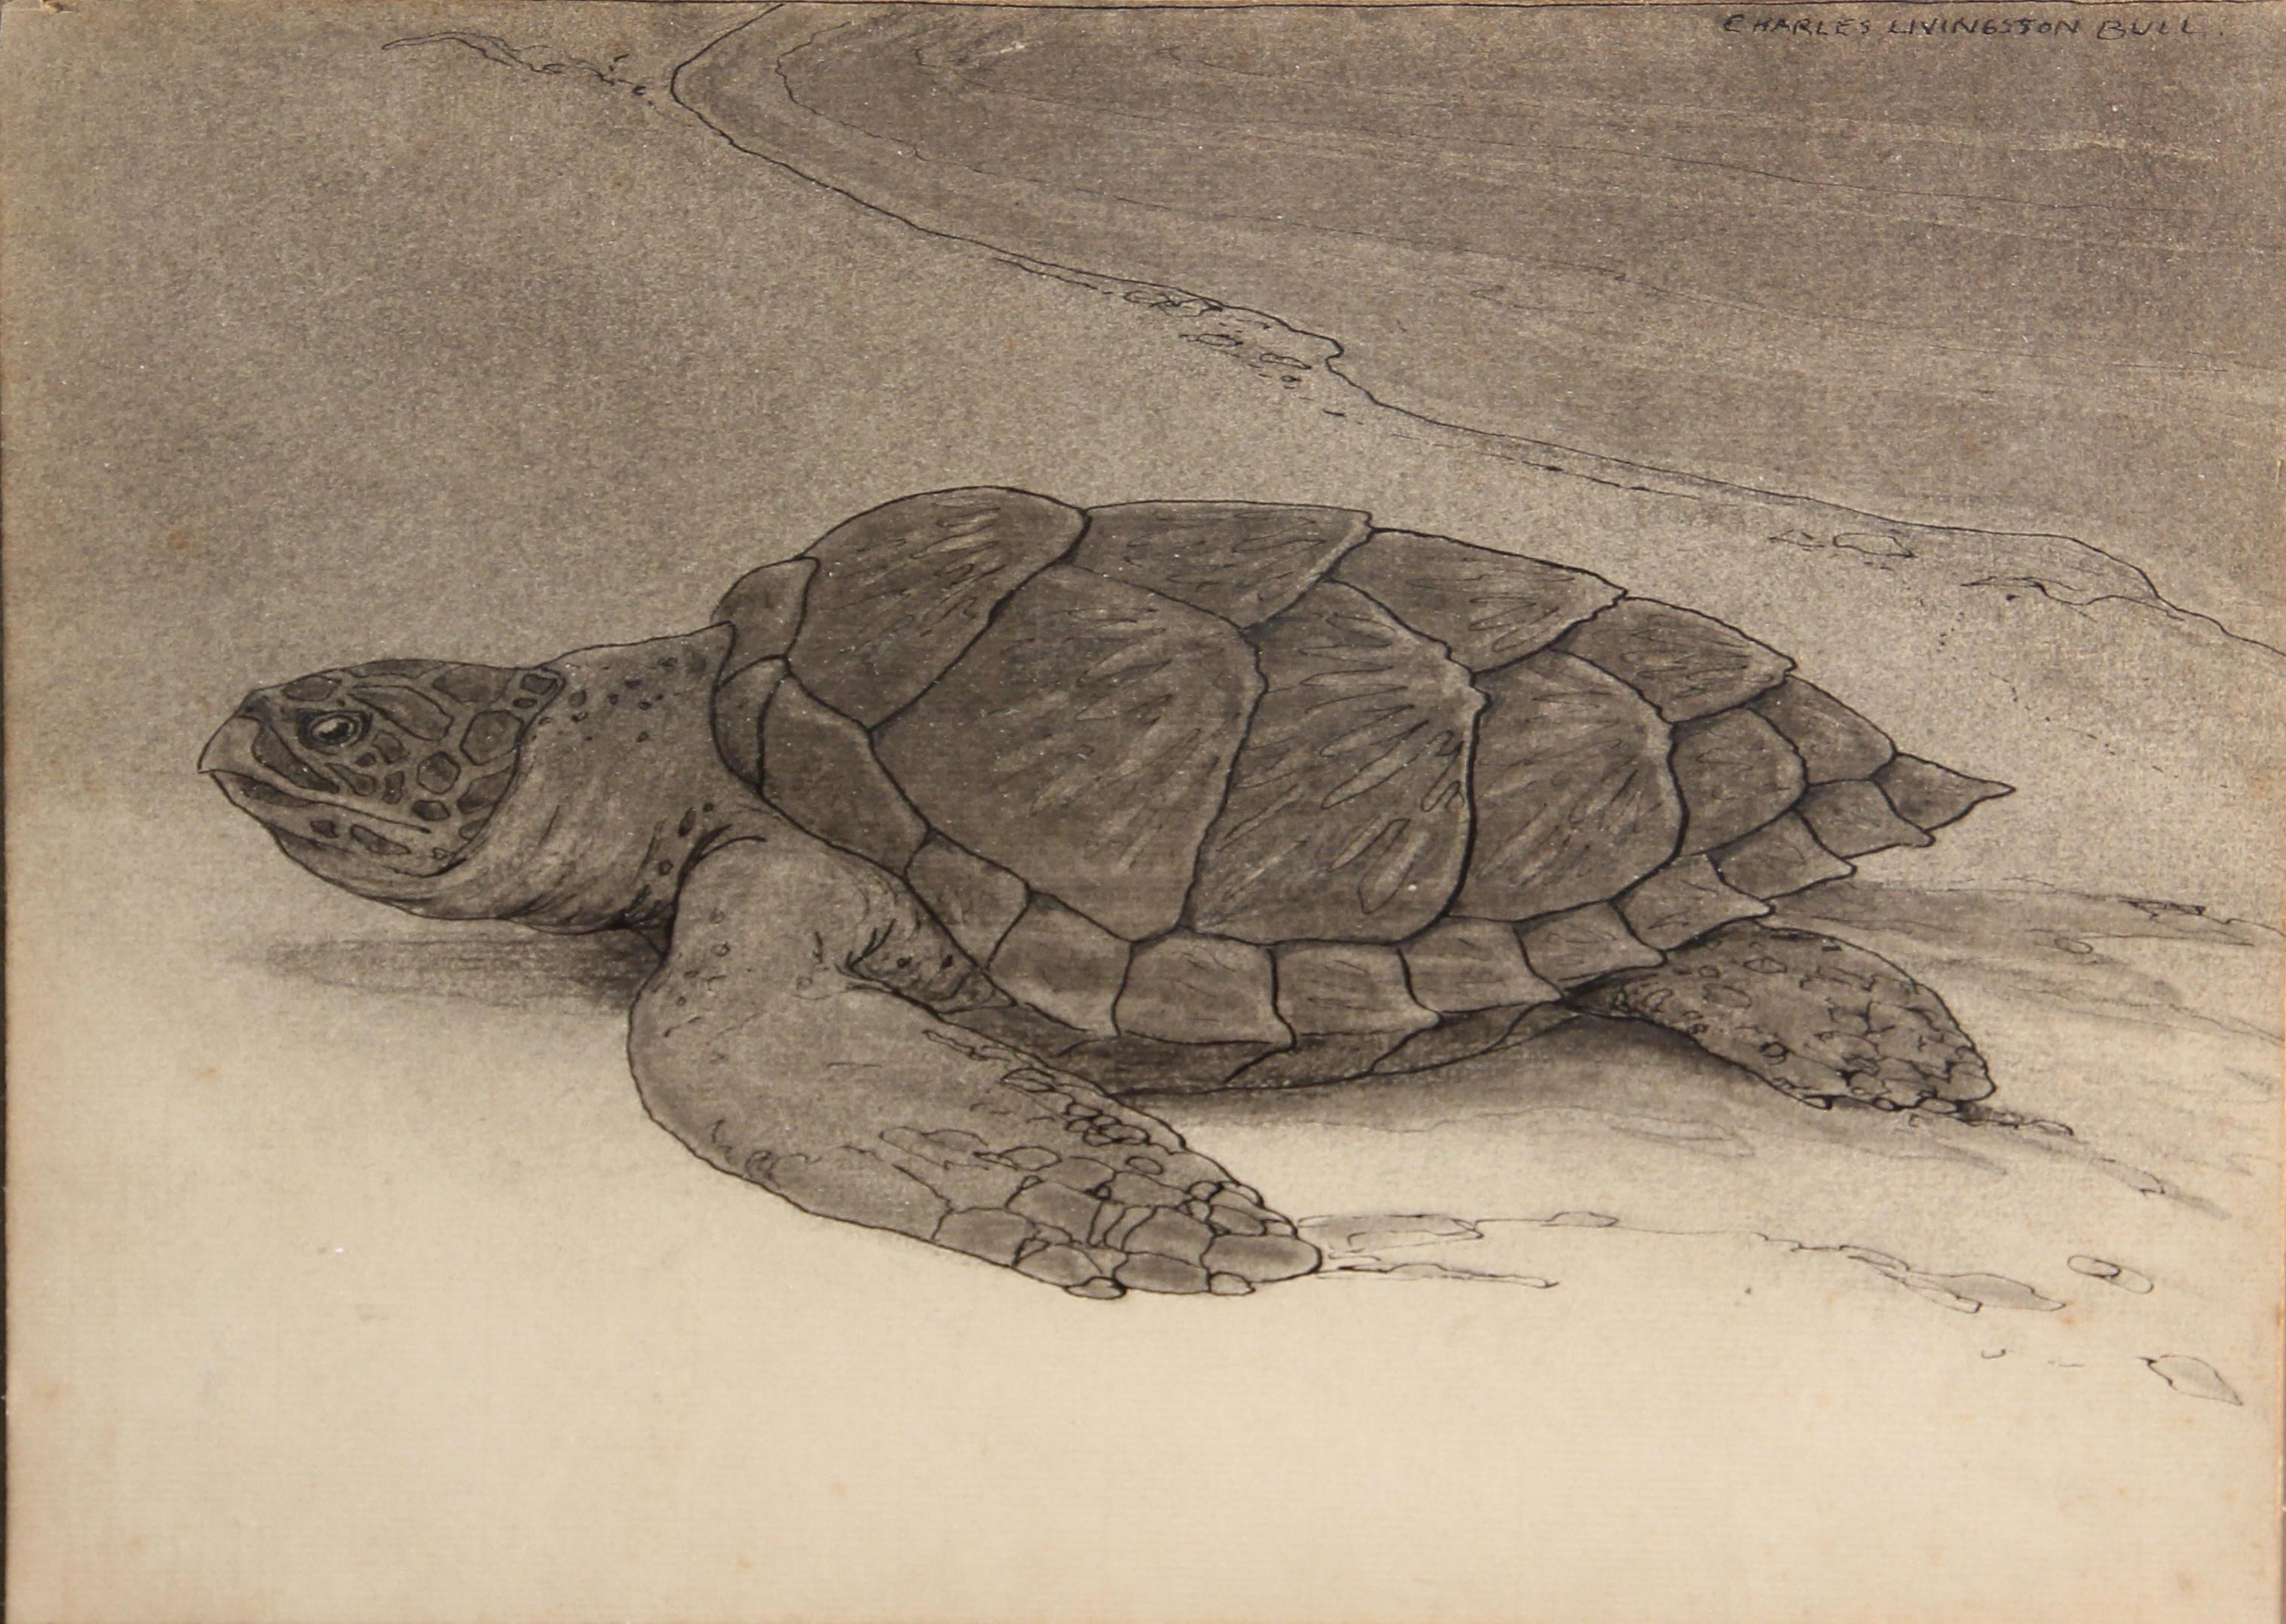 Картинки среднеазиатских черепах и только